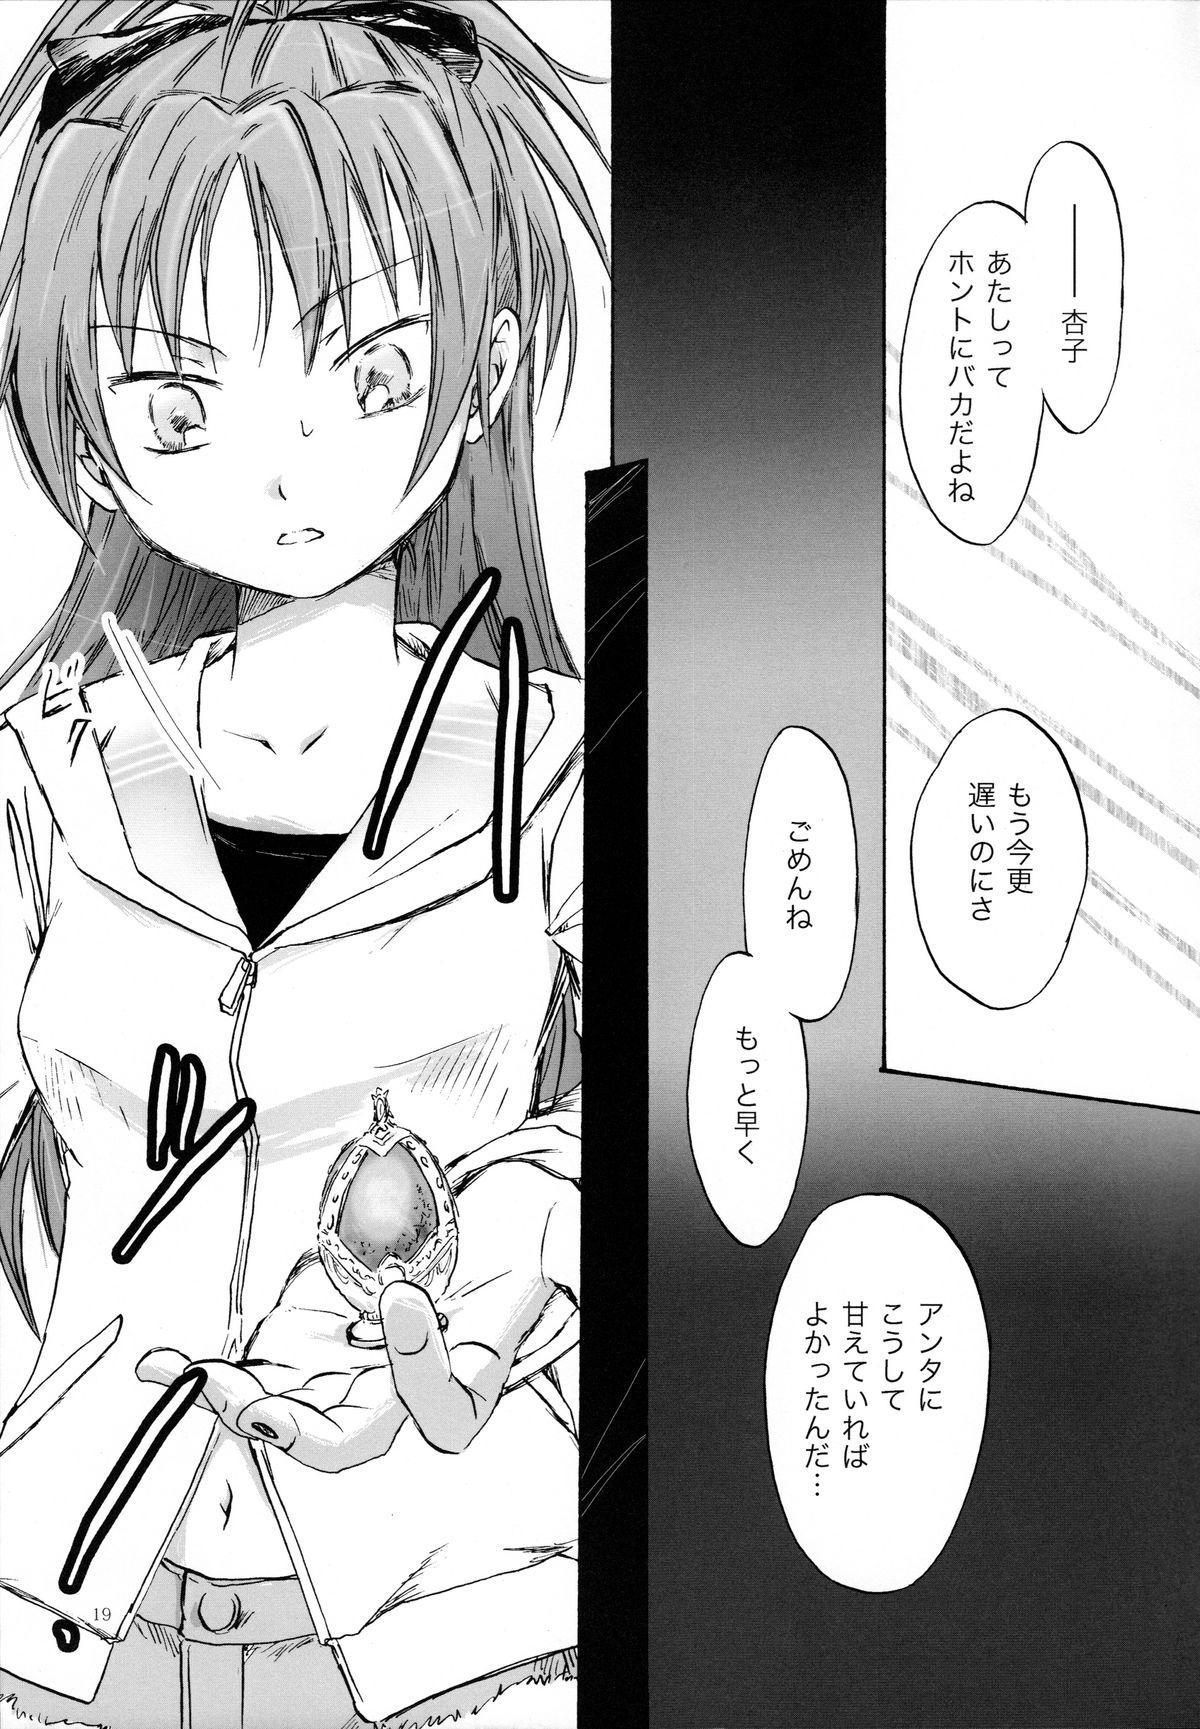 Kimi ga Hohoemu Yume wo Mita 17